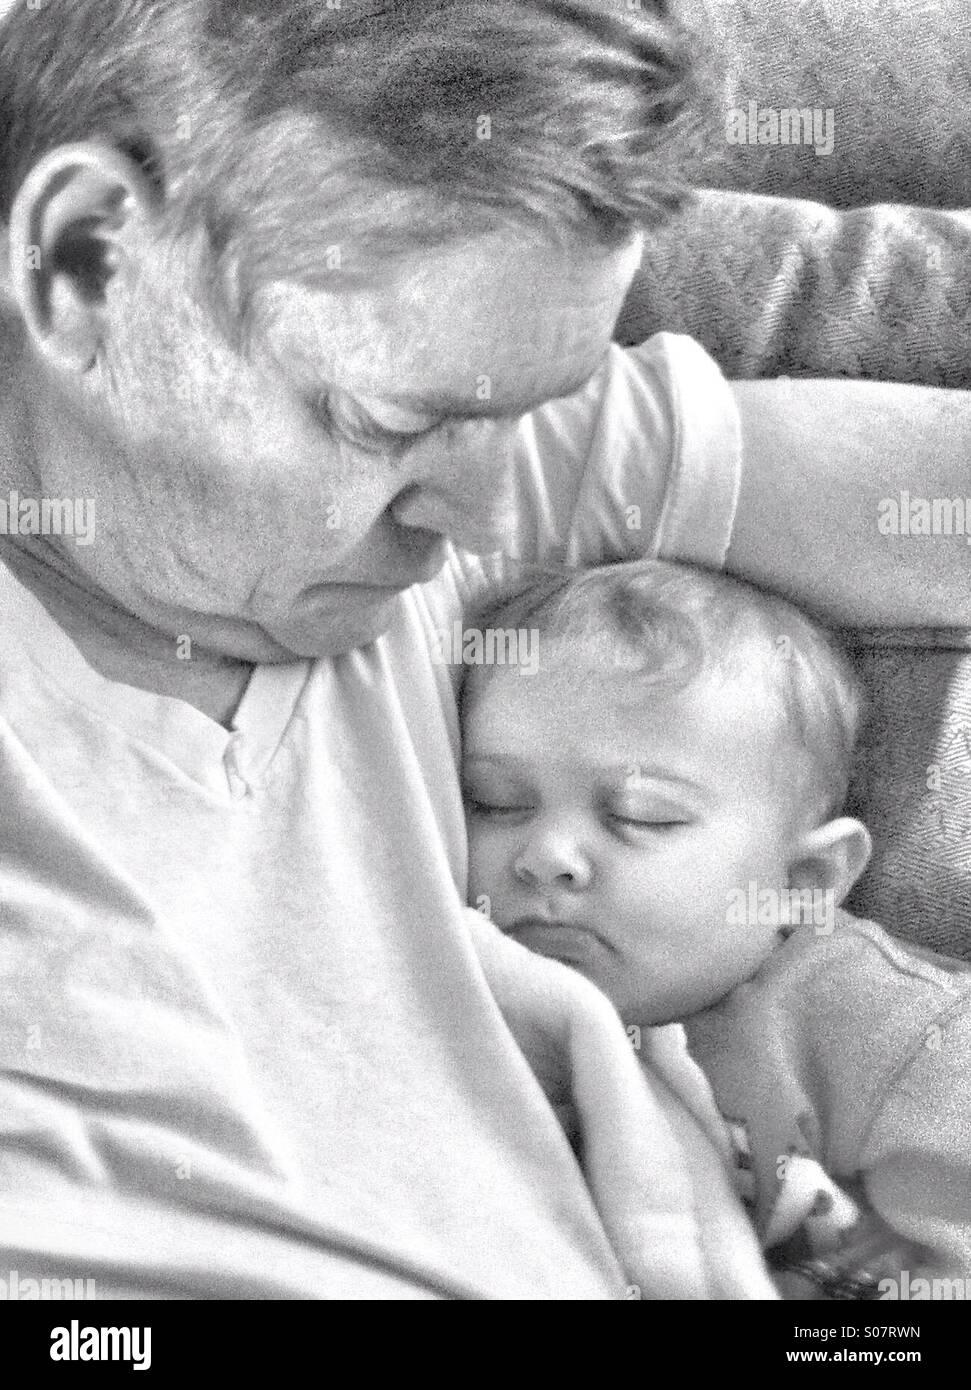 Soffice Dolce immagine del nonno & Baby Boy in bianco e nero Immagini Stock